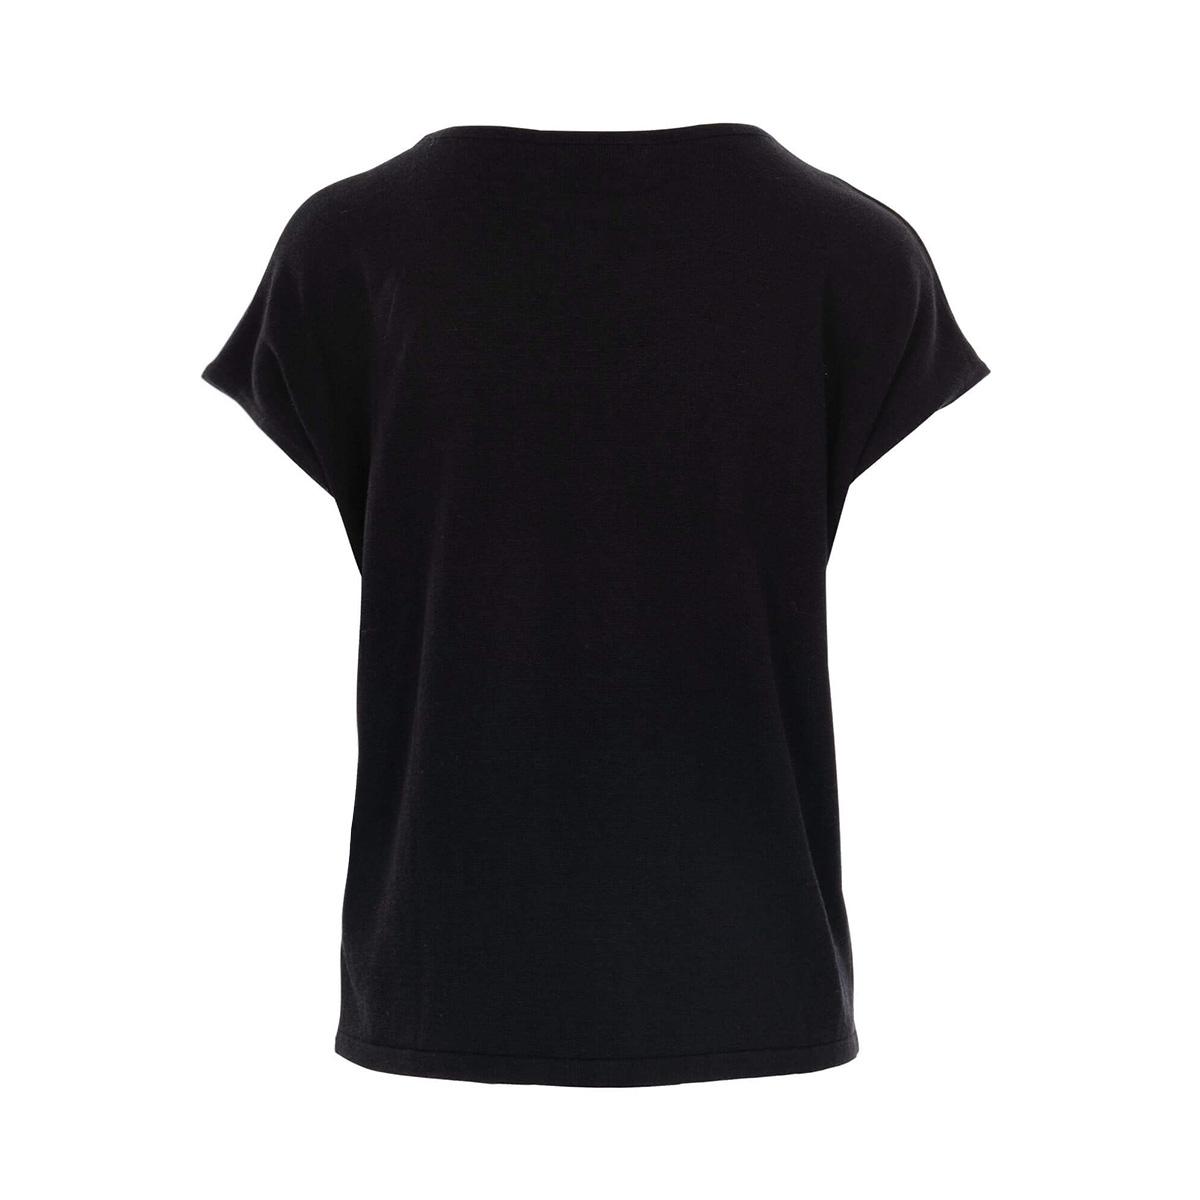 fijngebreide top 0304 006 0000 zusss t-shirt zwart